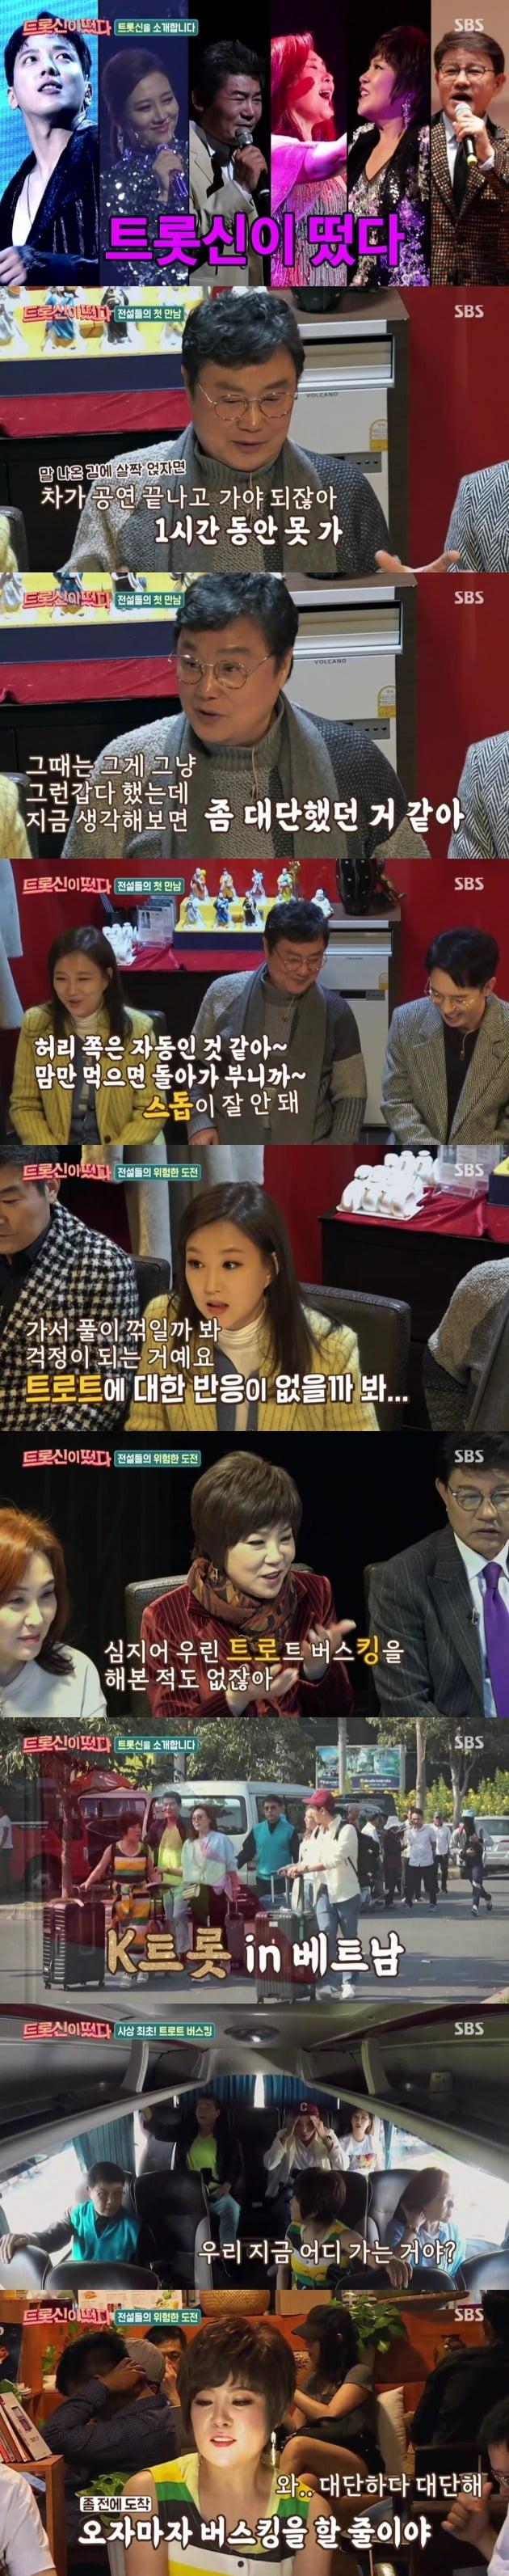 사진=SBS '트롯신이 떴다' 방송 화면.